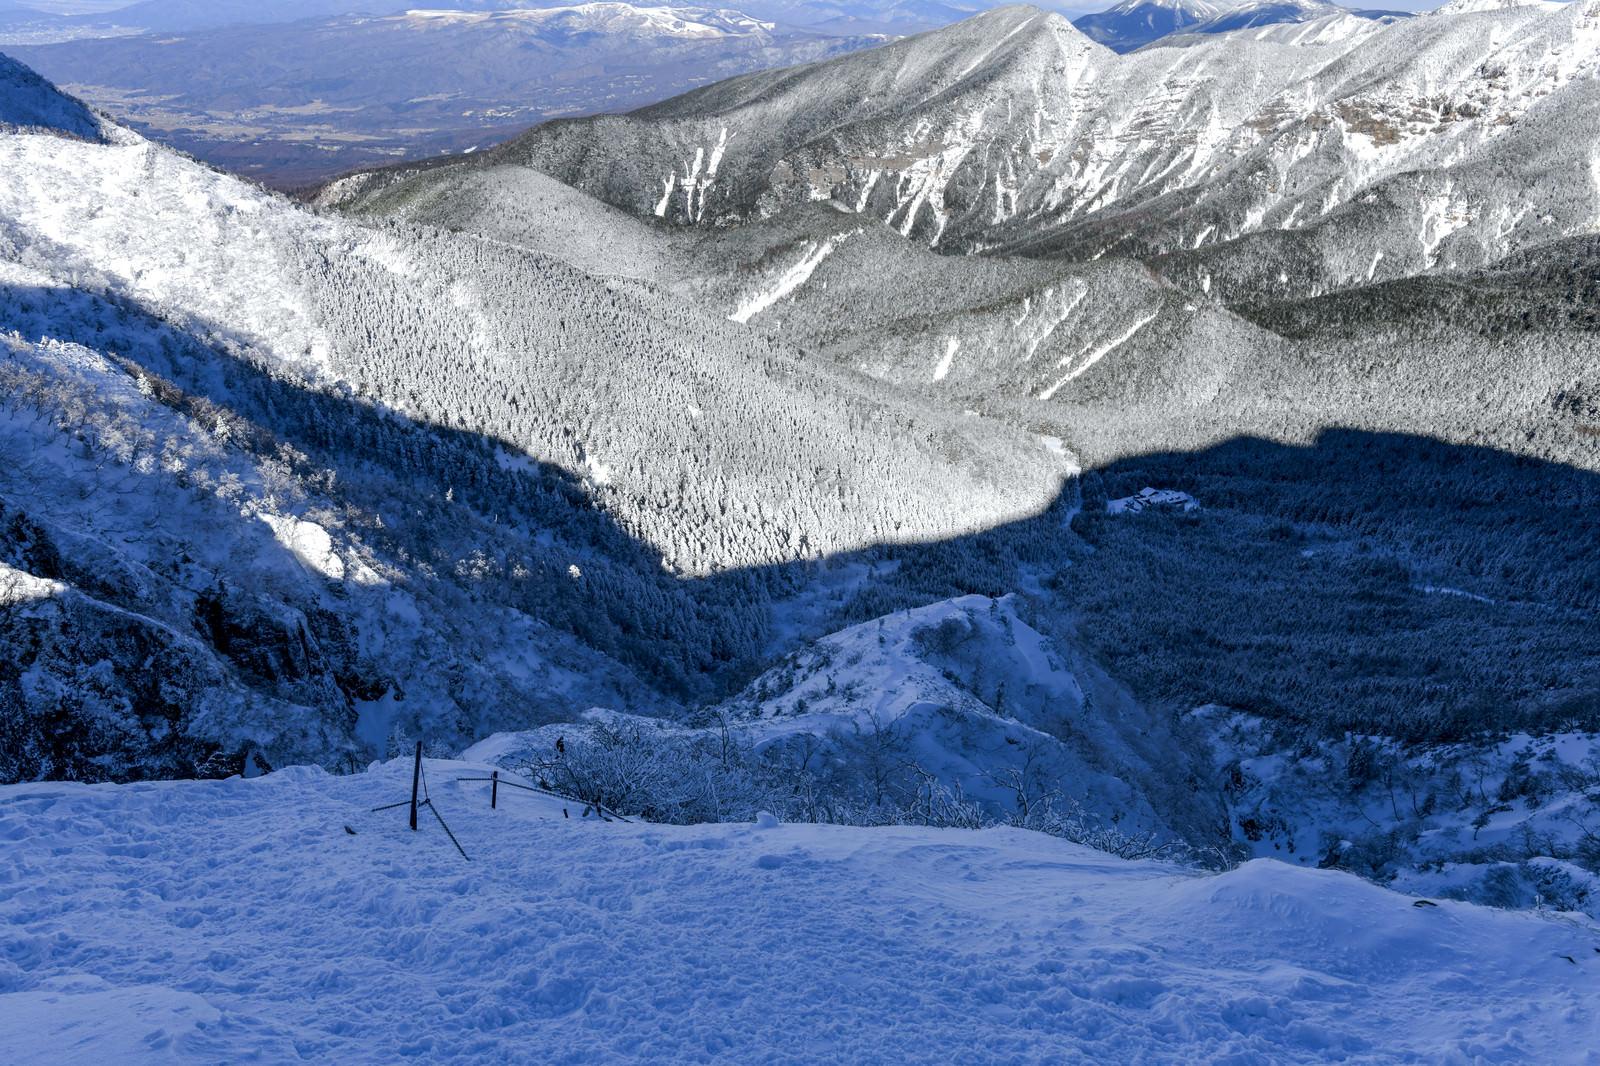 「冬の文三郎尾根の登山道を見下ろす」の写真